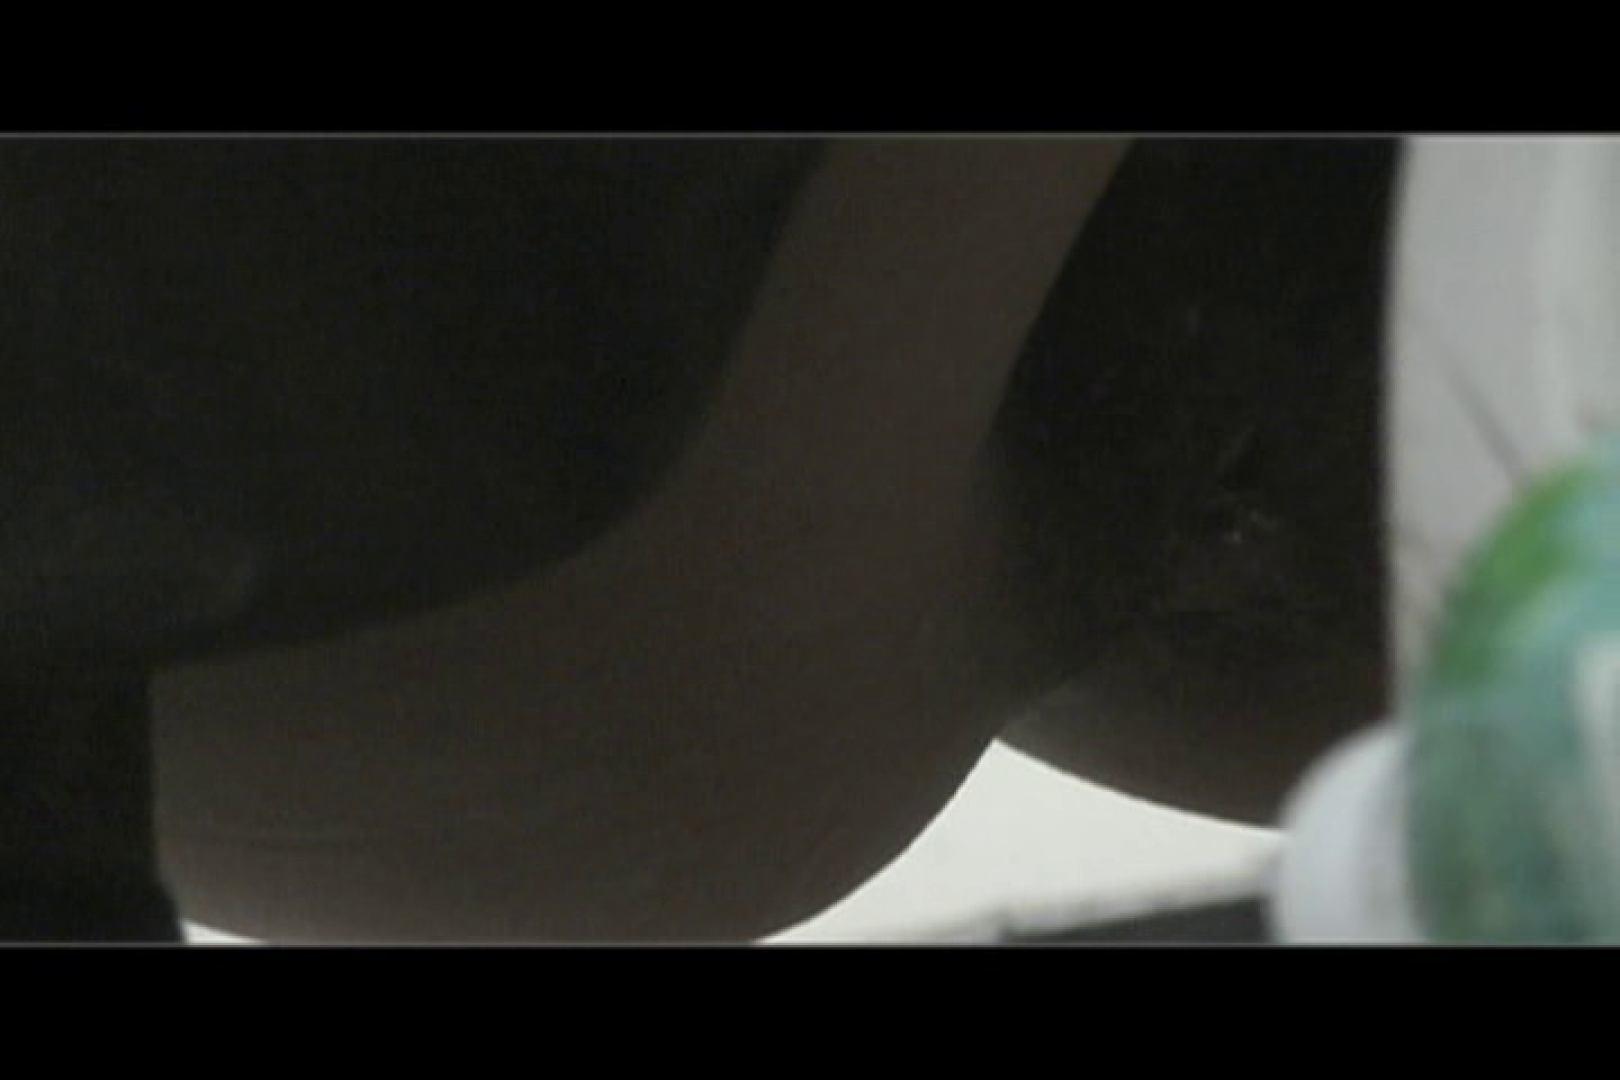 マンコ丸見え女子洗面所Vol.8 肛門丸見え 覗きおまんこ画像 98pic 74